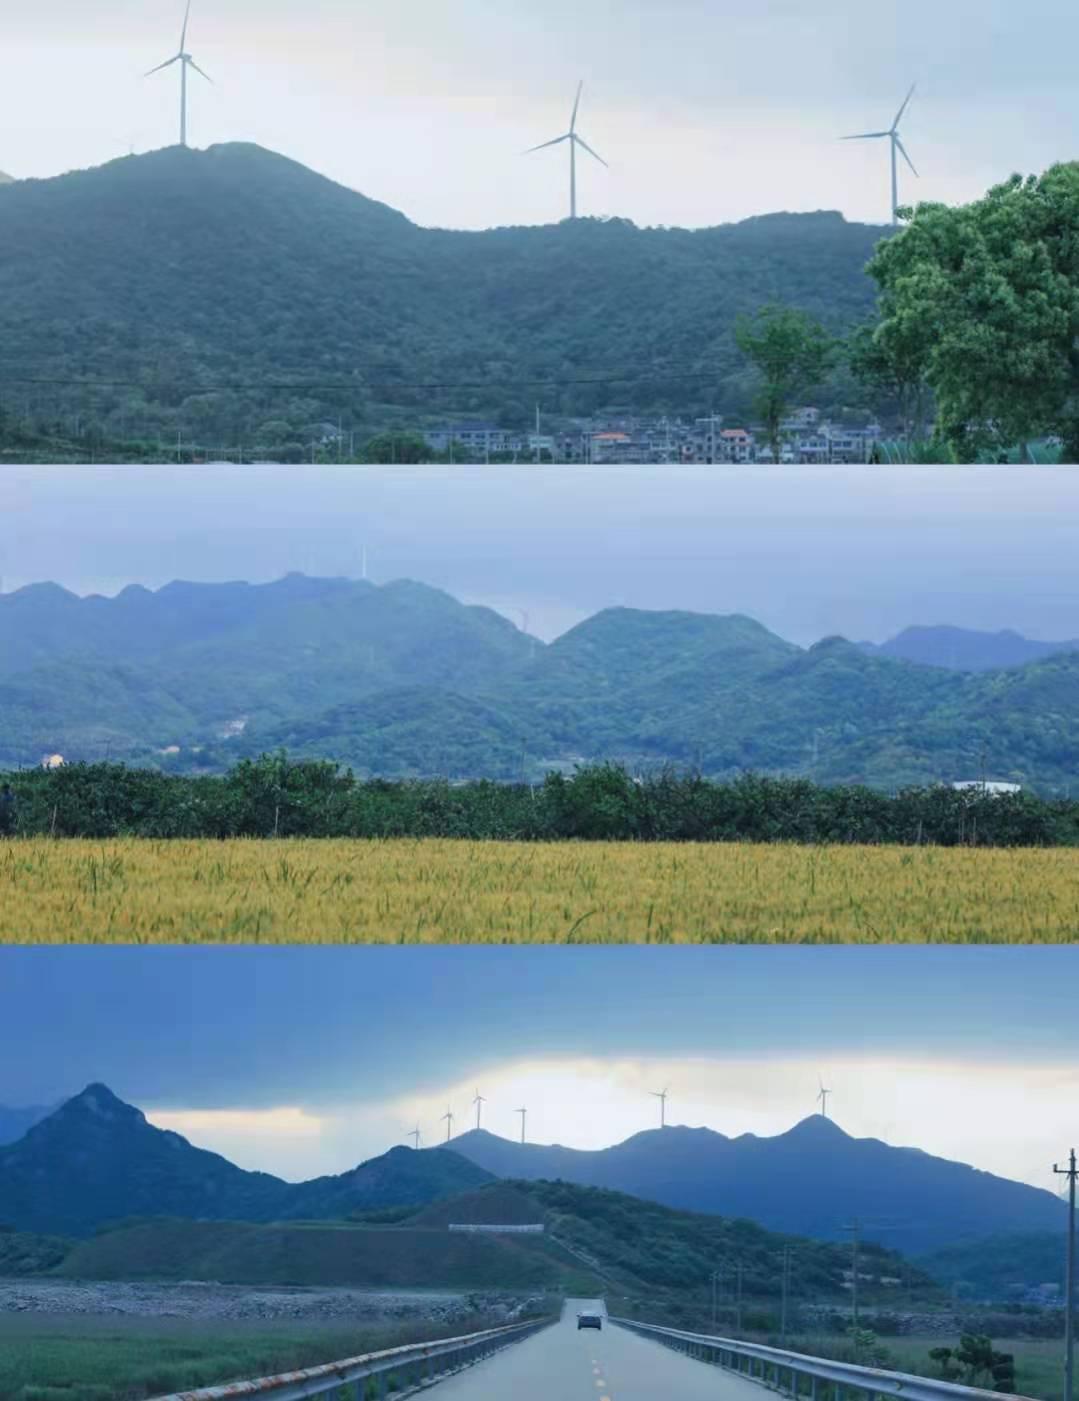 宁波旅行攻略,这三大绝美秘境,这个夏天不用开空调也超清凉